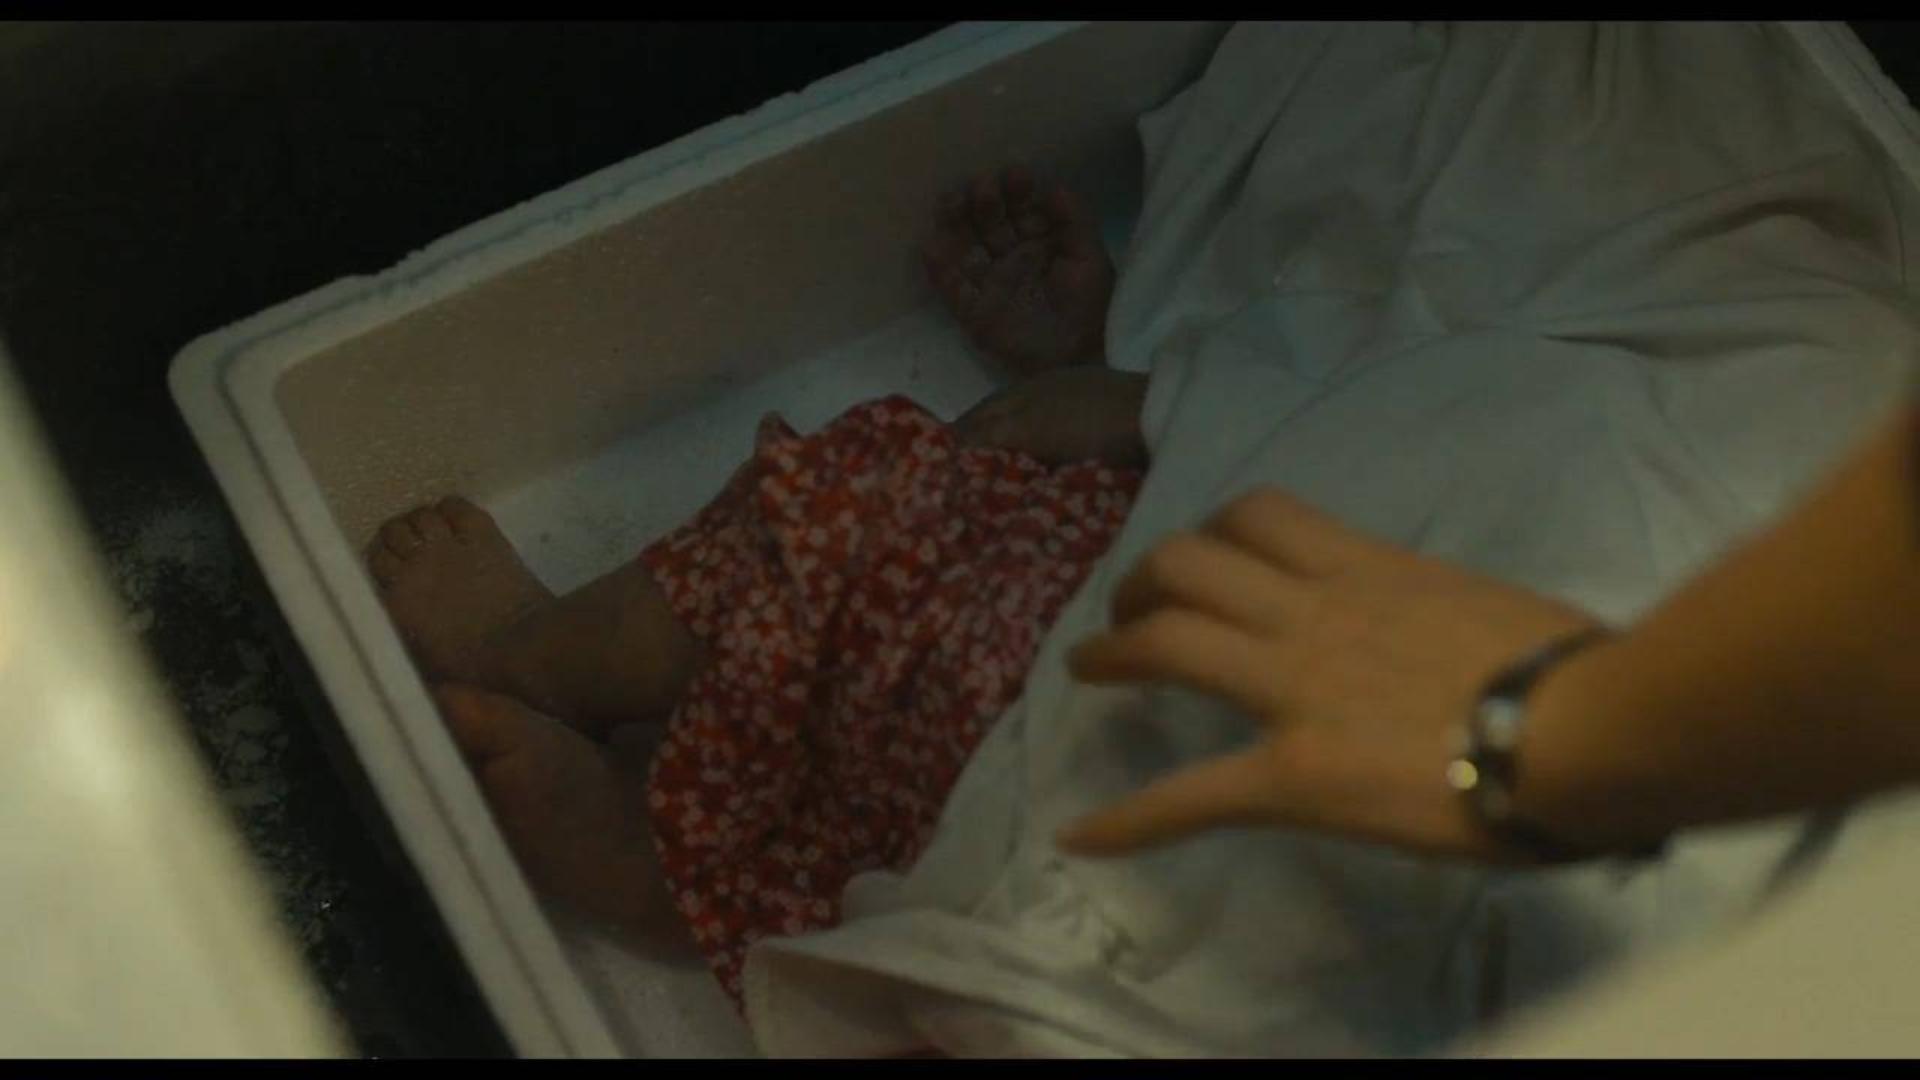 女子在家中冰柜发现一具冻尸,究竟是谁藏在这里的?《迷失:消失的女人》